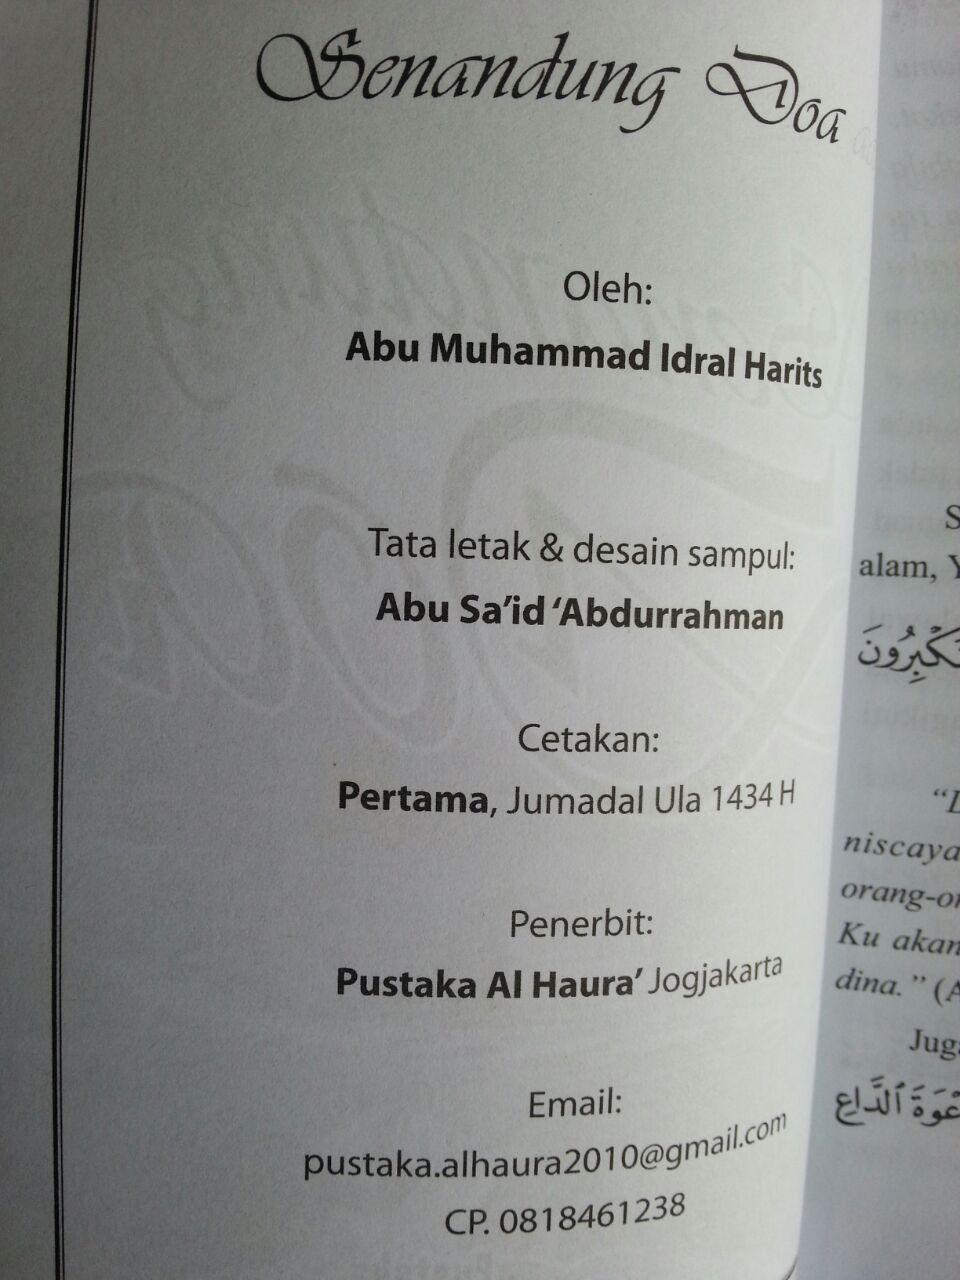 Buku Senandung Doa isi